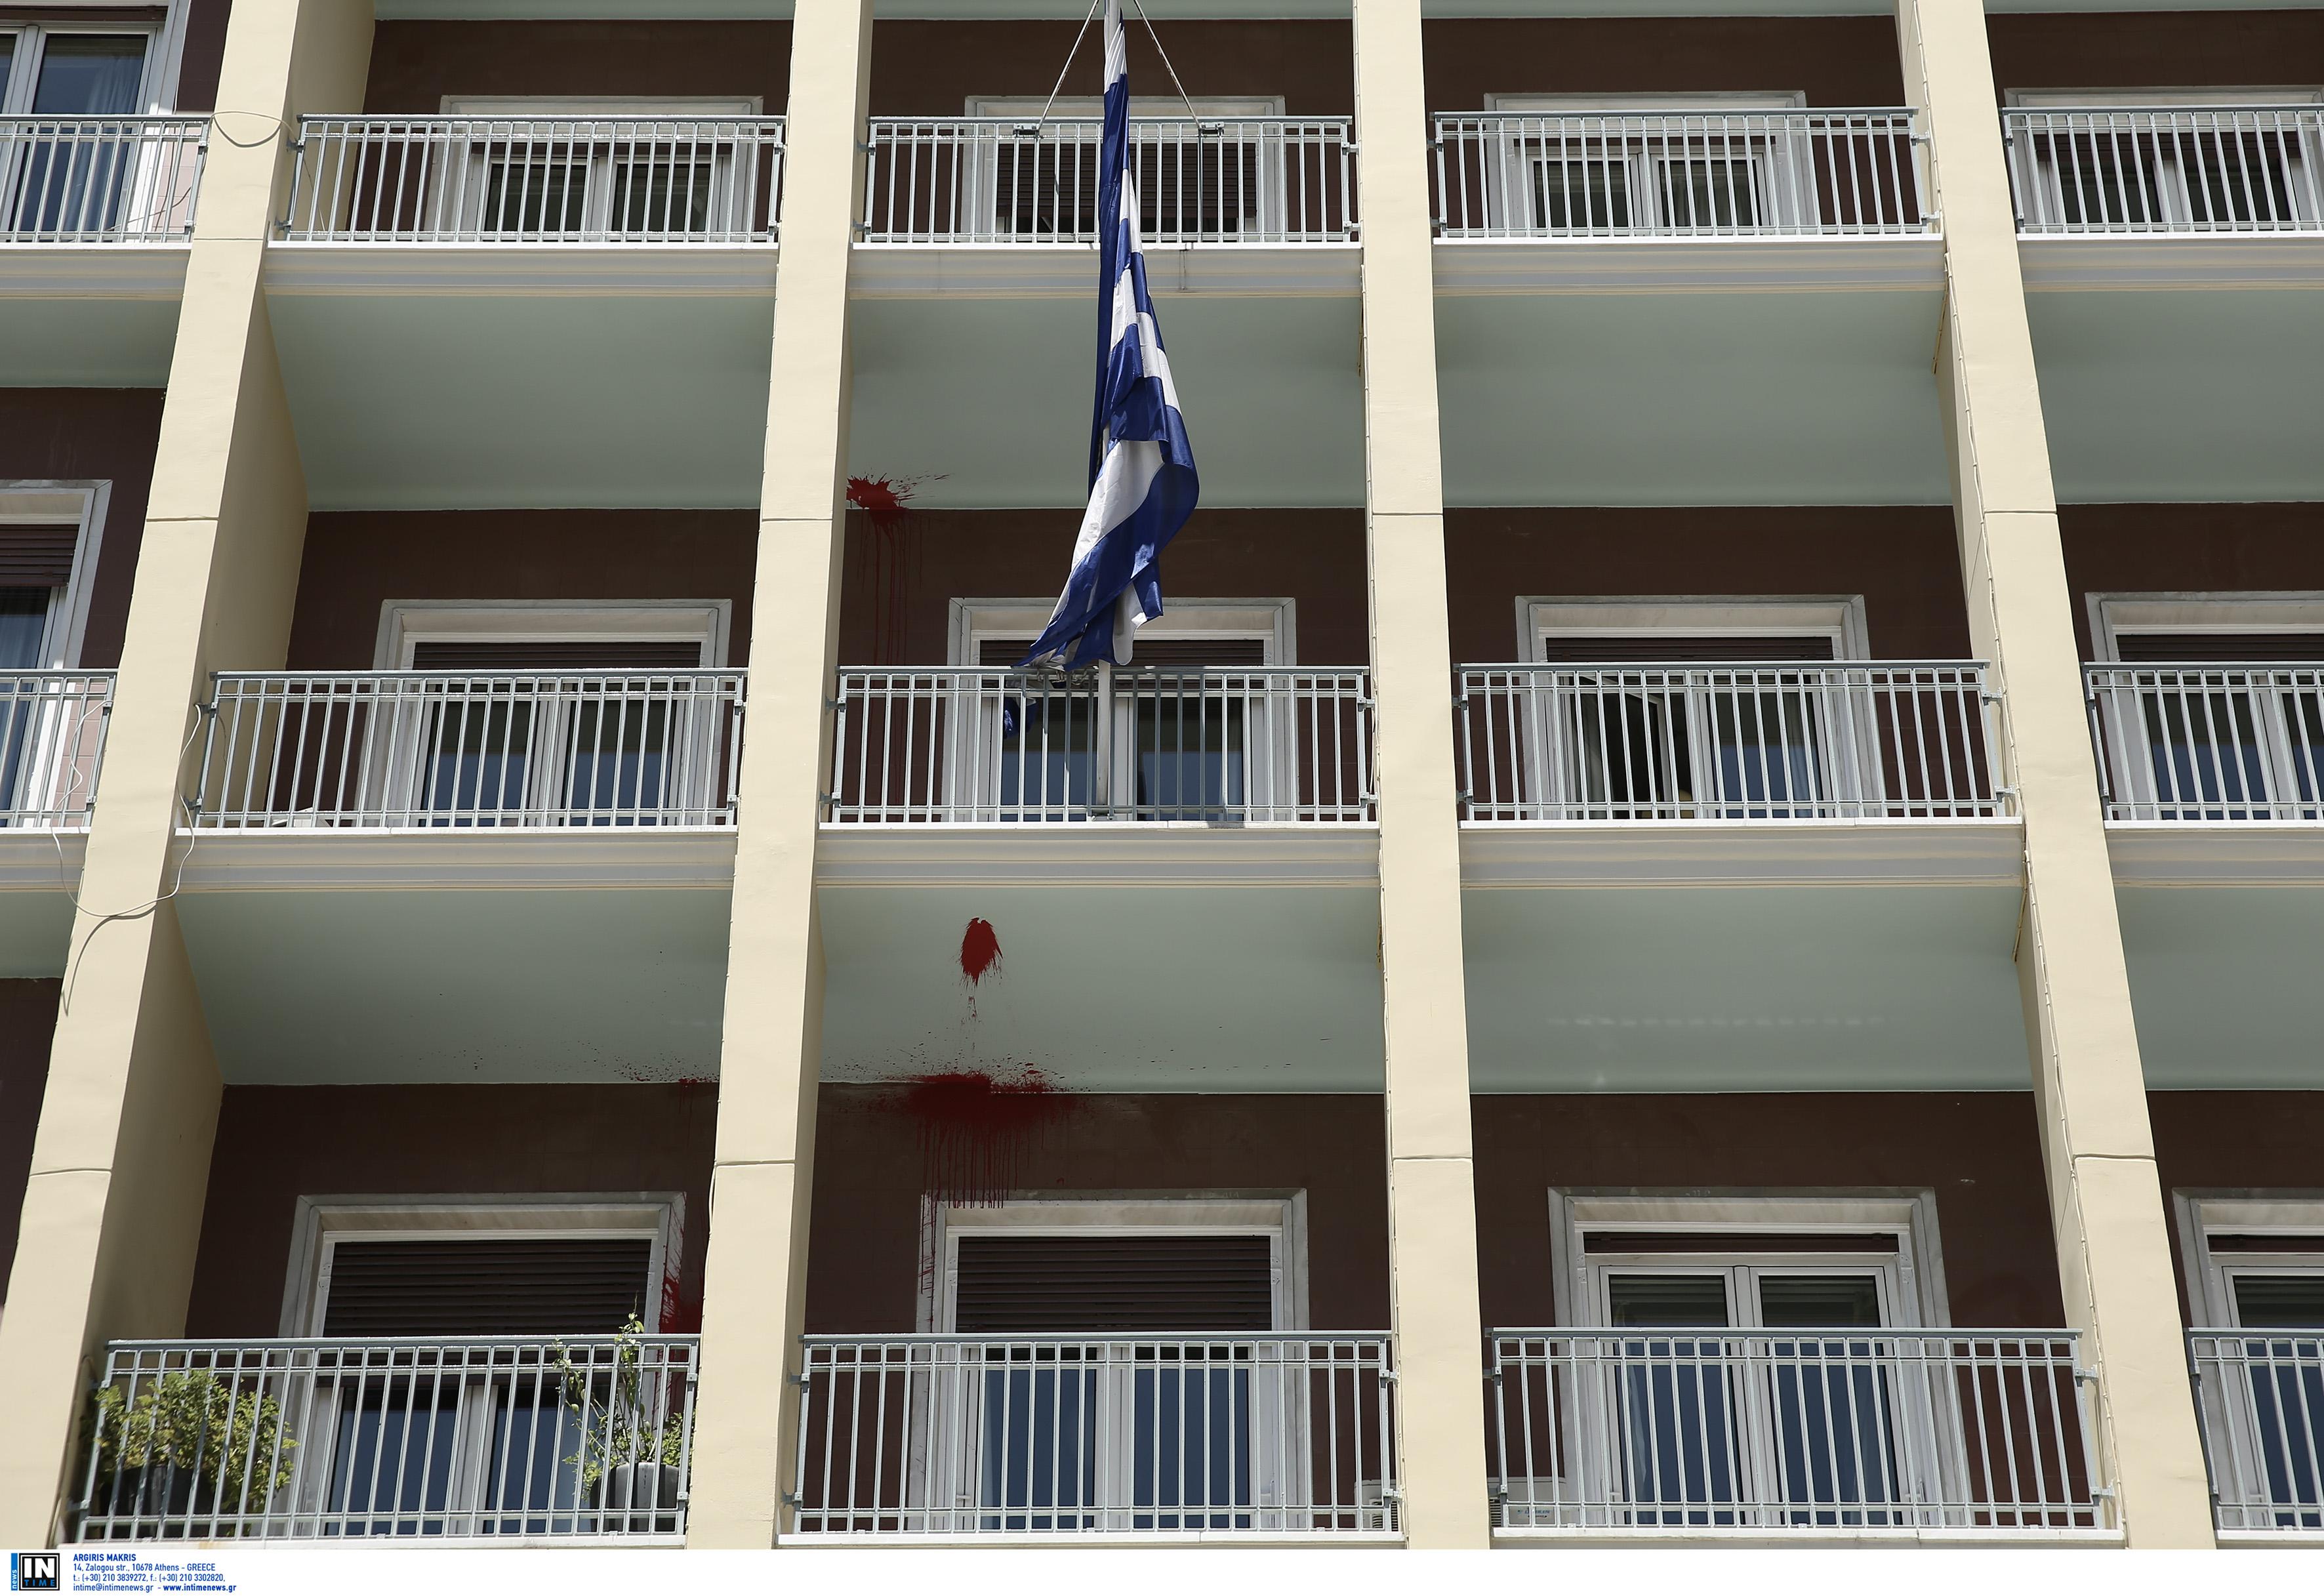 Εισβολή μελών του Ρουβίκωνα στο υπουργείο Εσωτερικών | tovima.gr